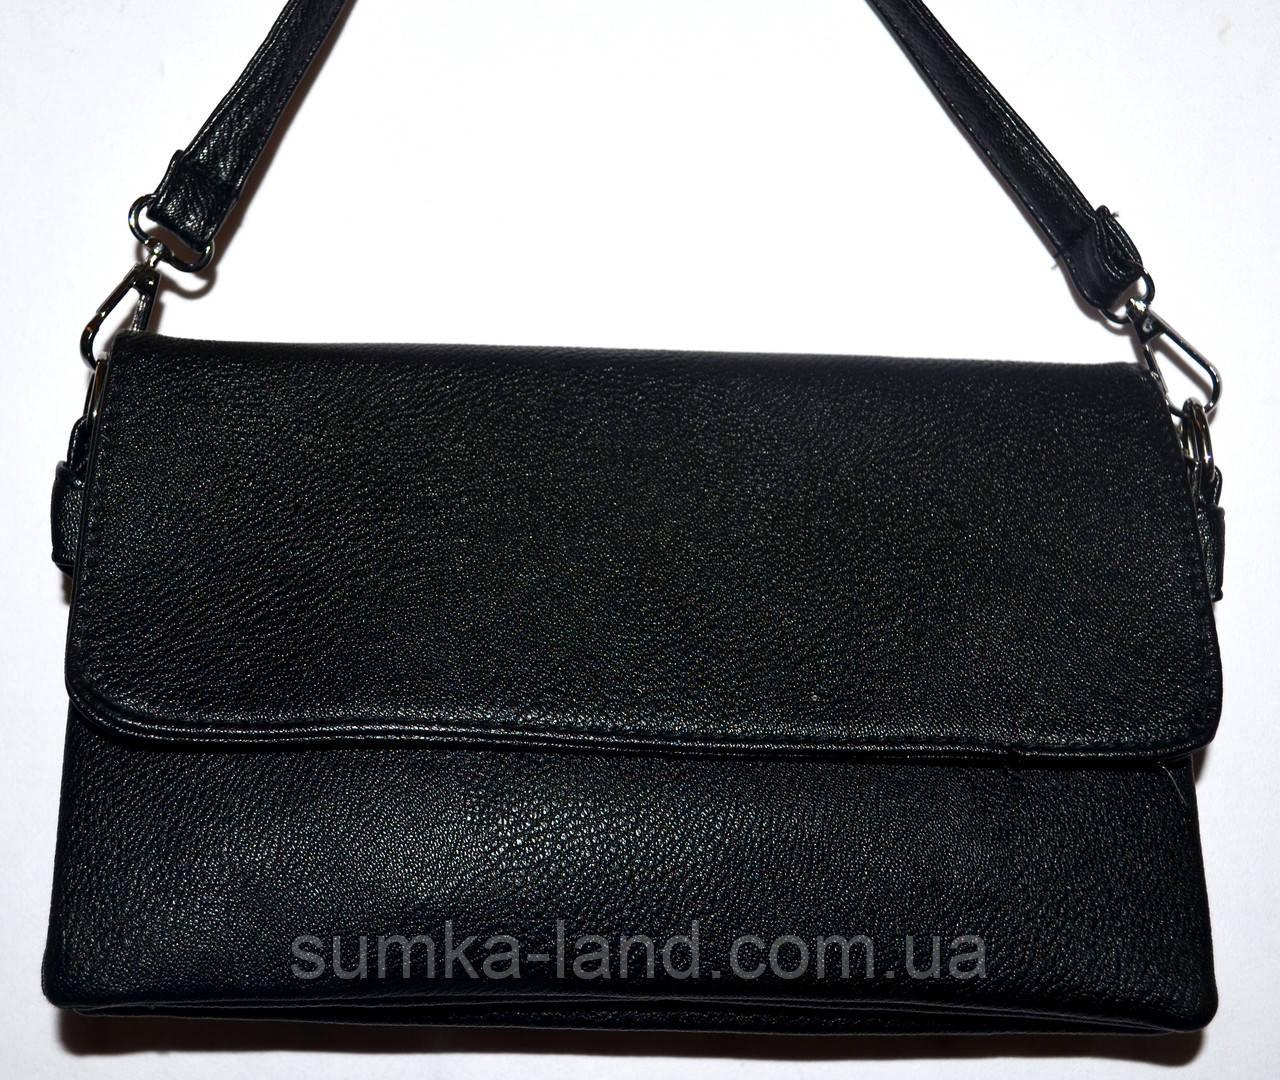 Женский черный клатч-конверт на несколько отделений 27*16 см